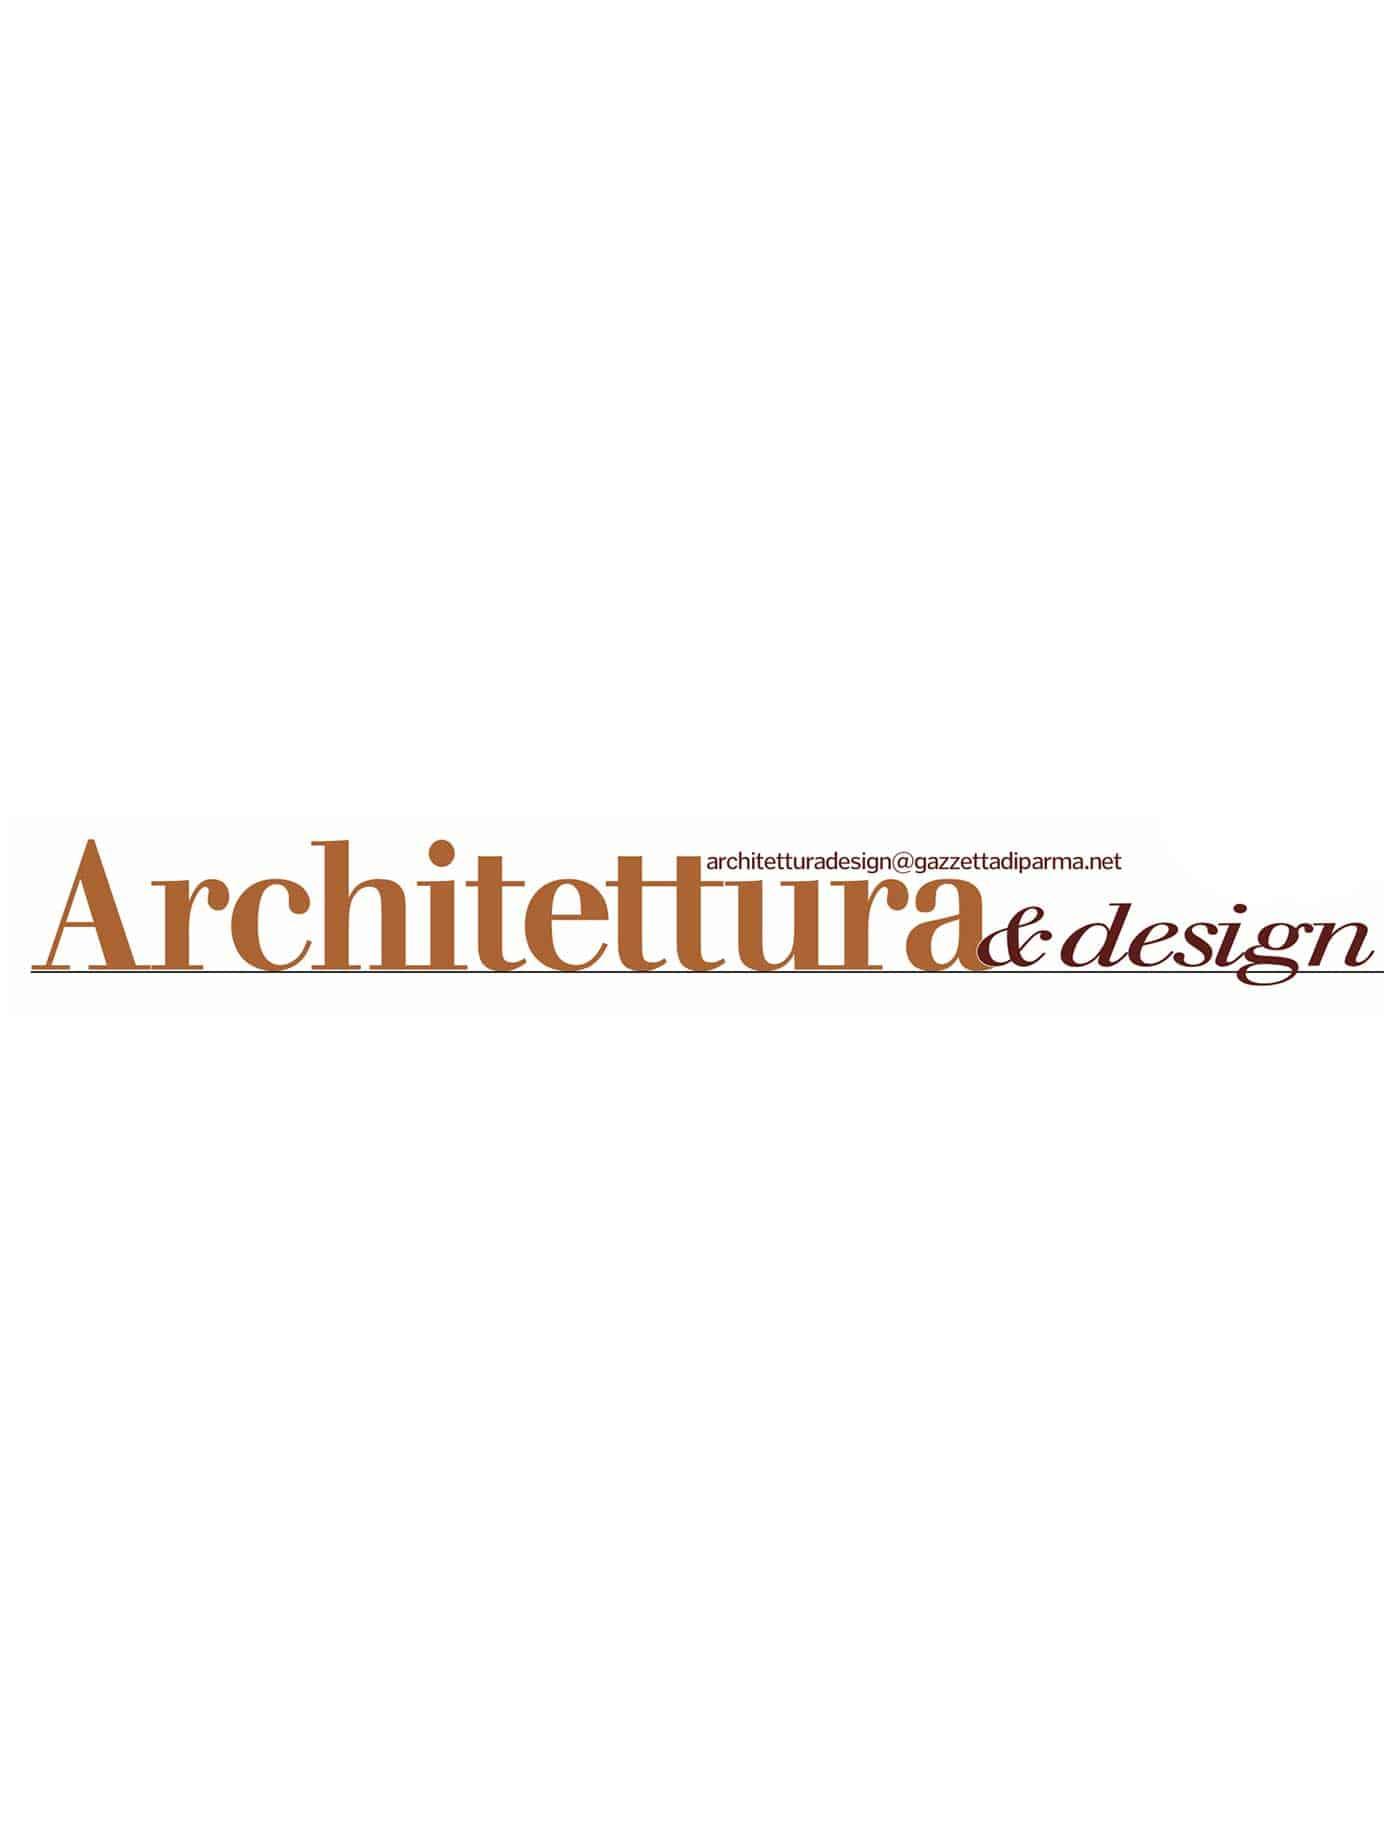 architettura e design vittoria rizzoli